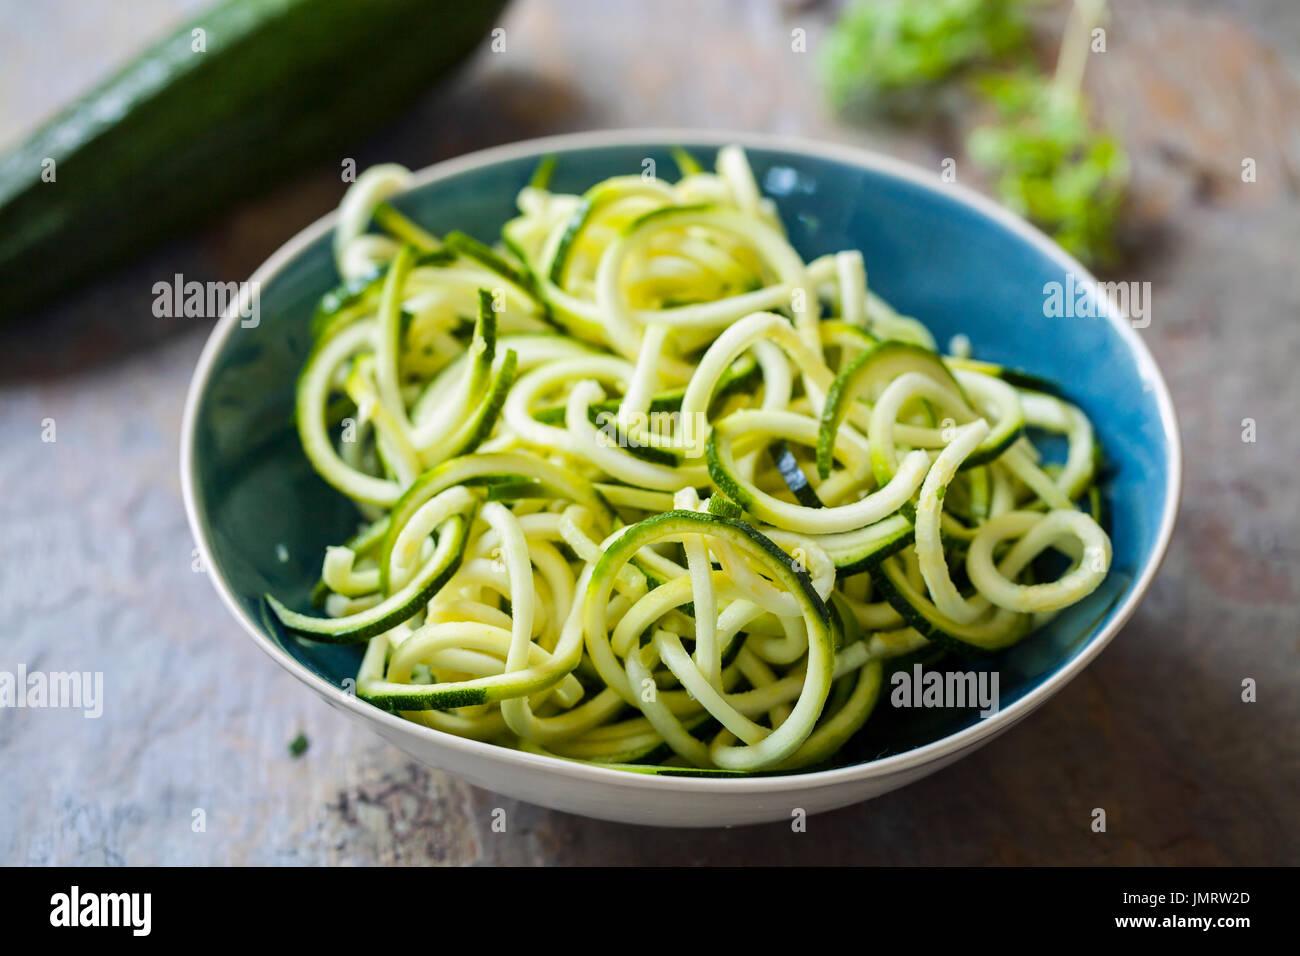 Courgette spaghetti - Stock Image